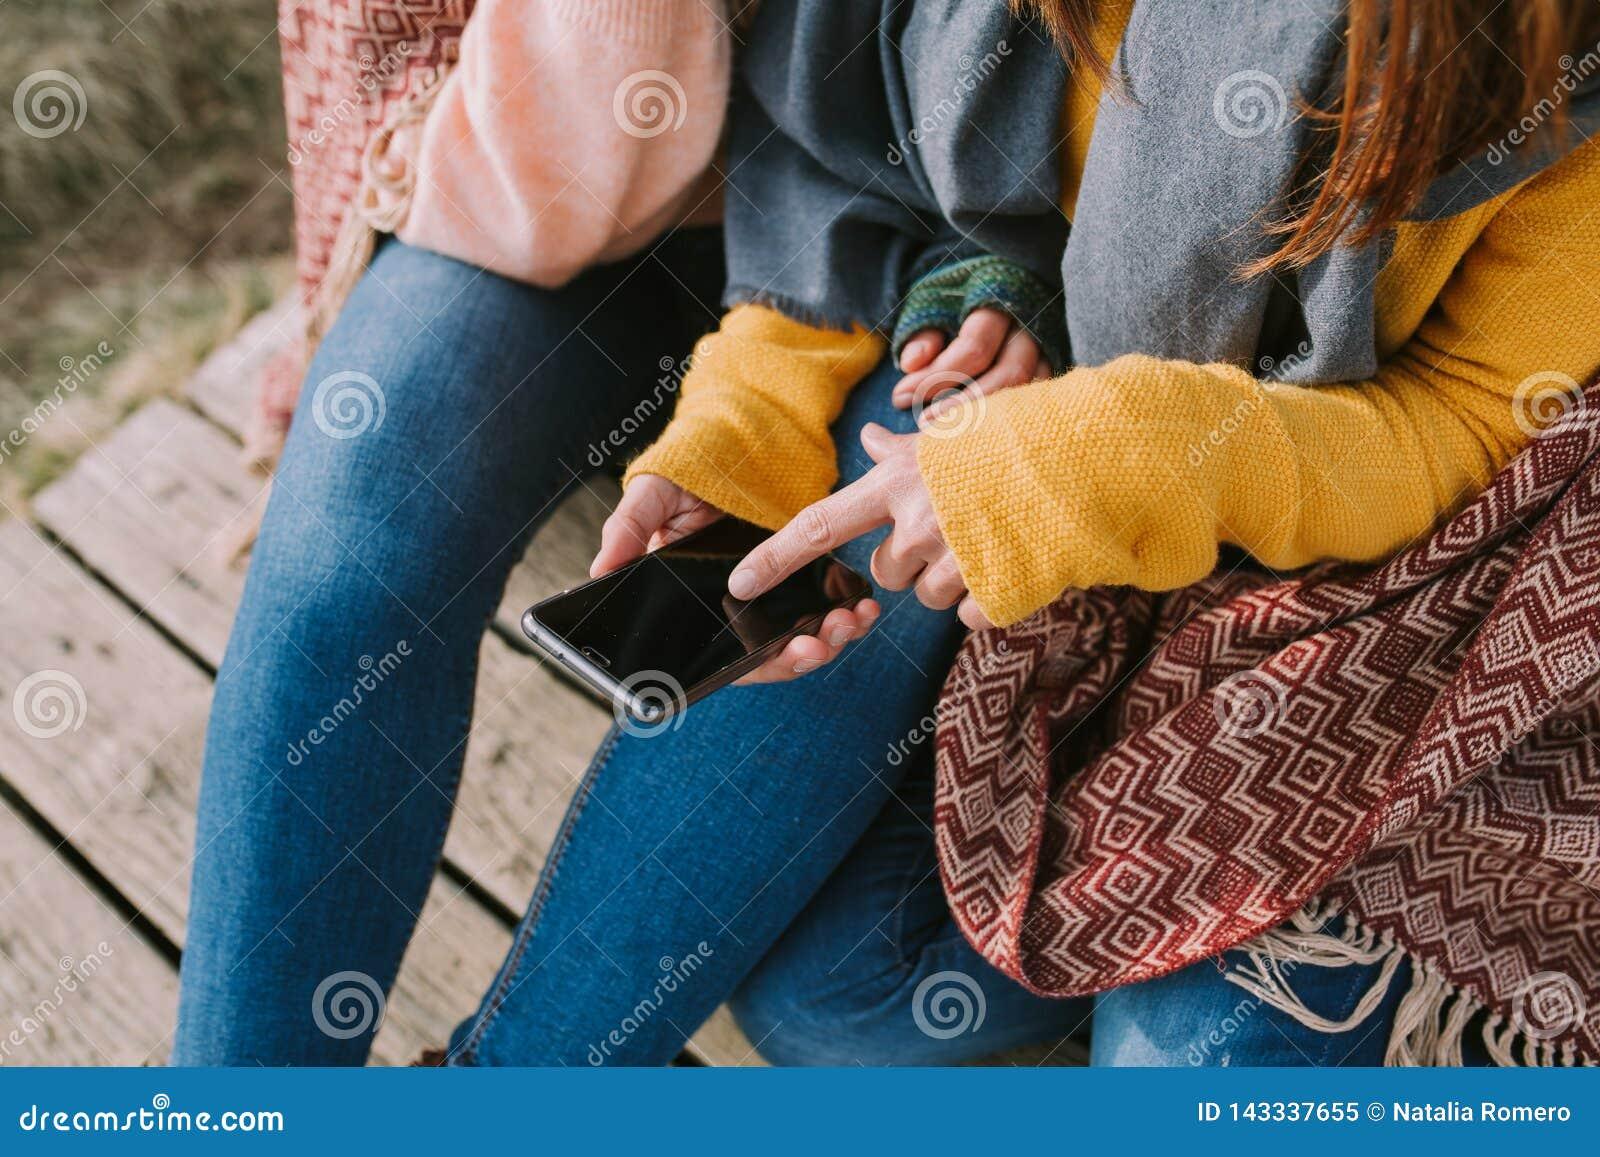 Los amigos buscan la información sobre el móvil que tienen en sus manos